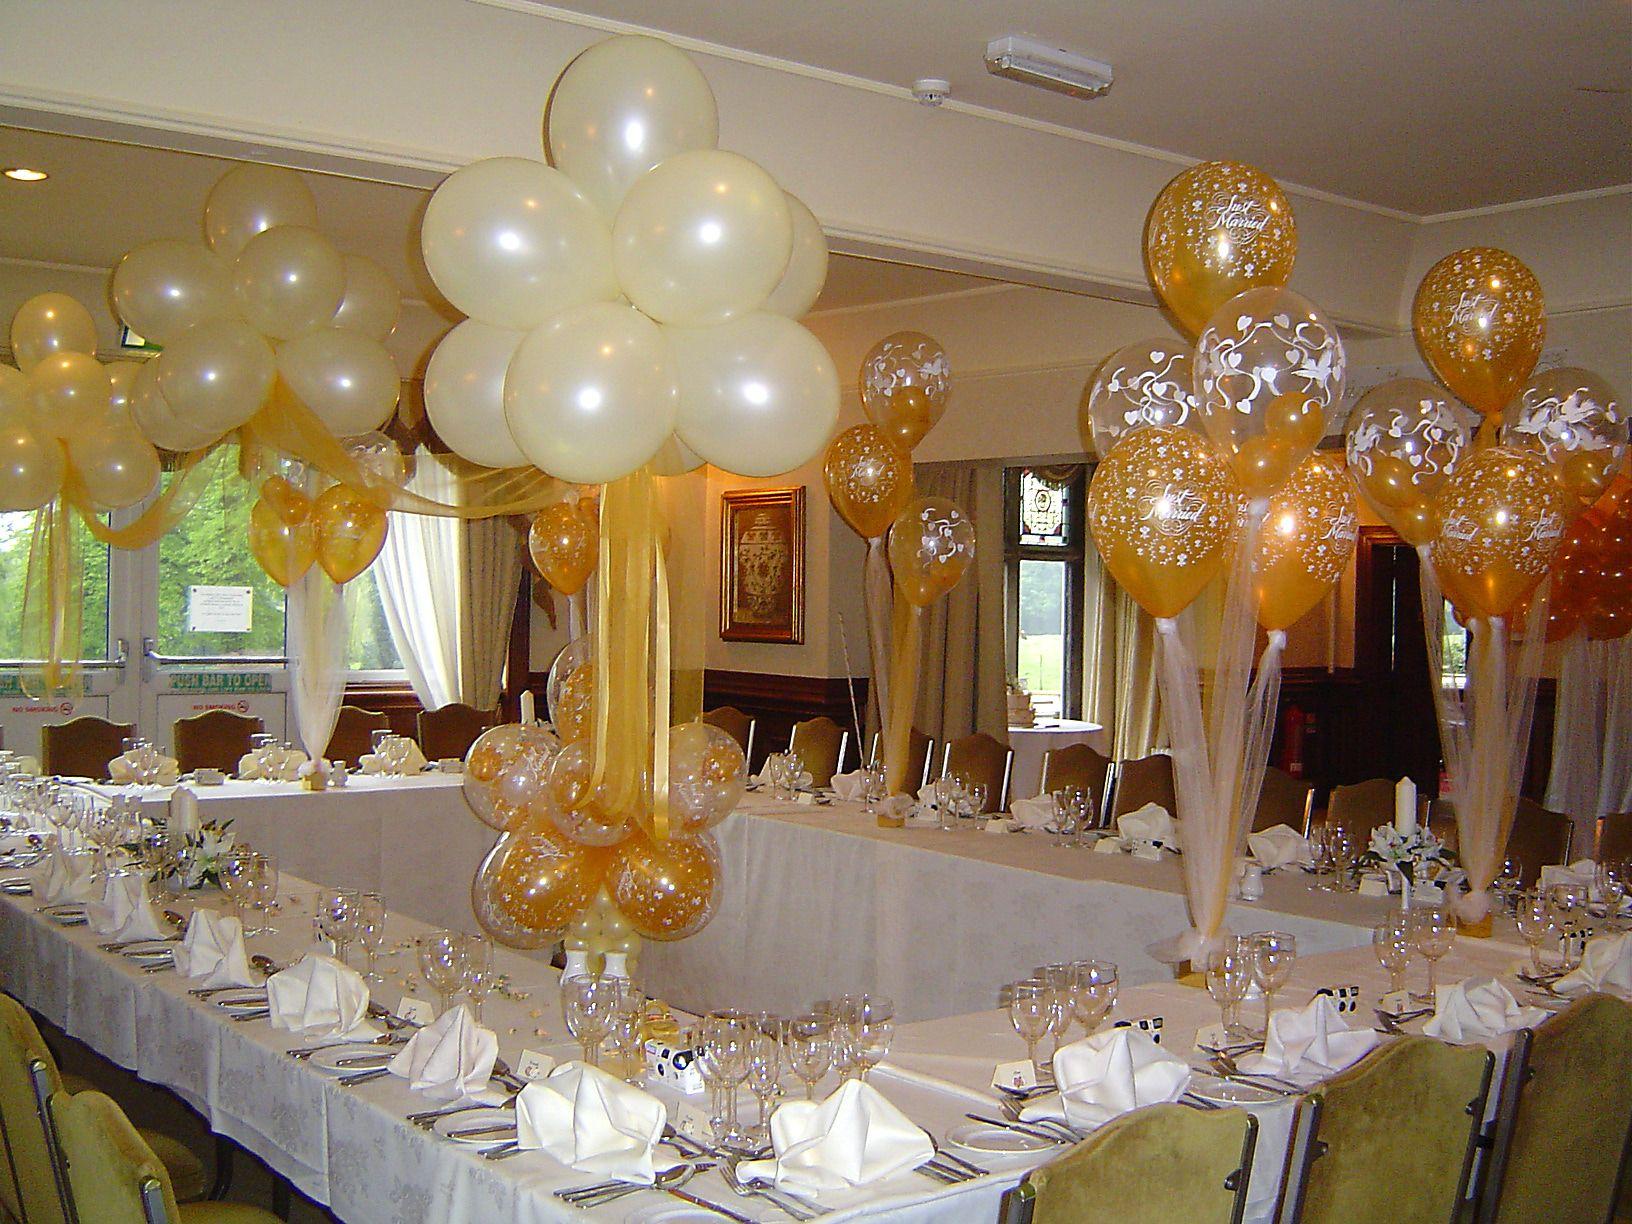 кто даст украшение зала на свадьбу фото шарами что